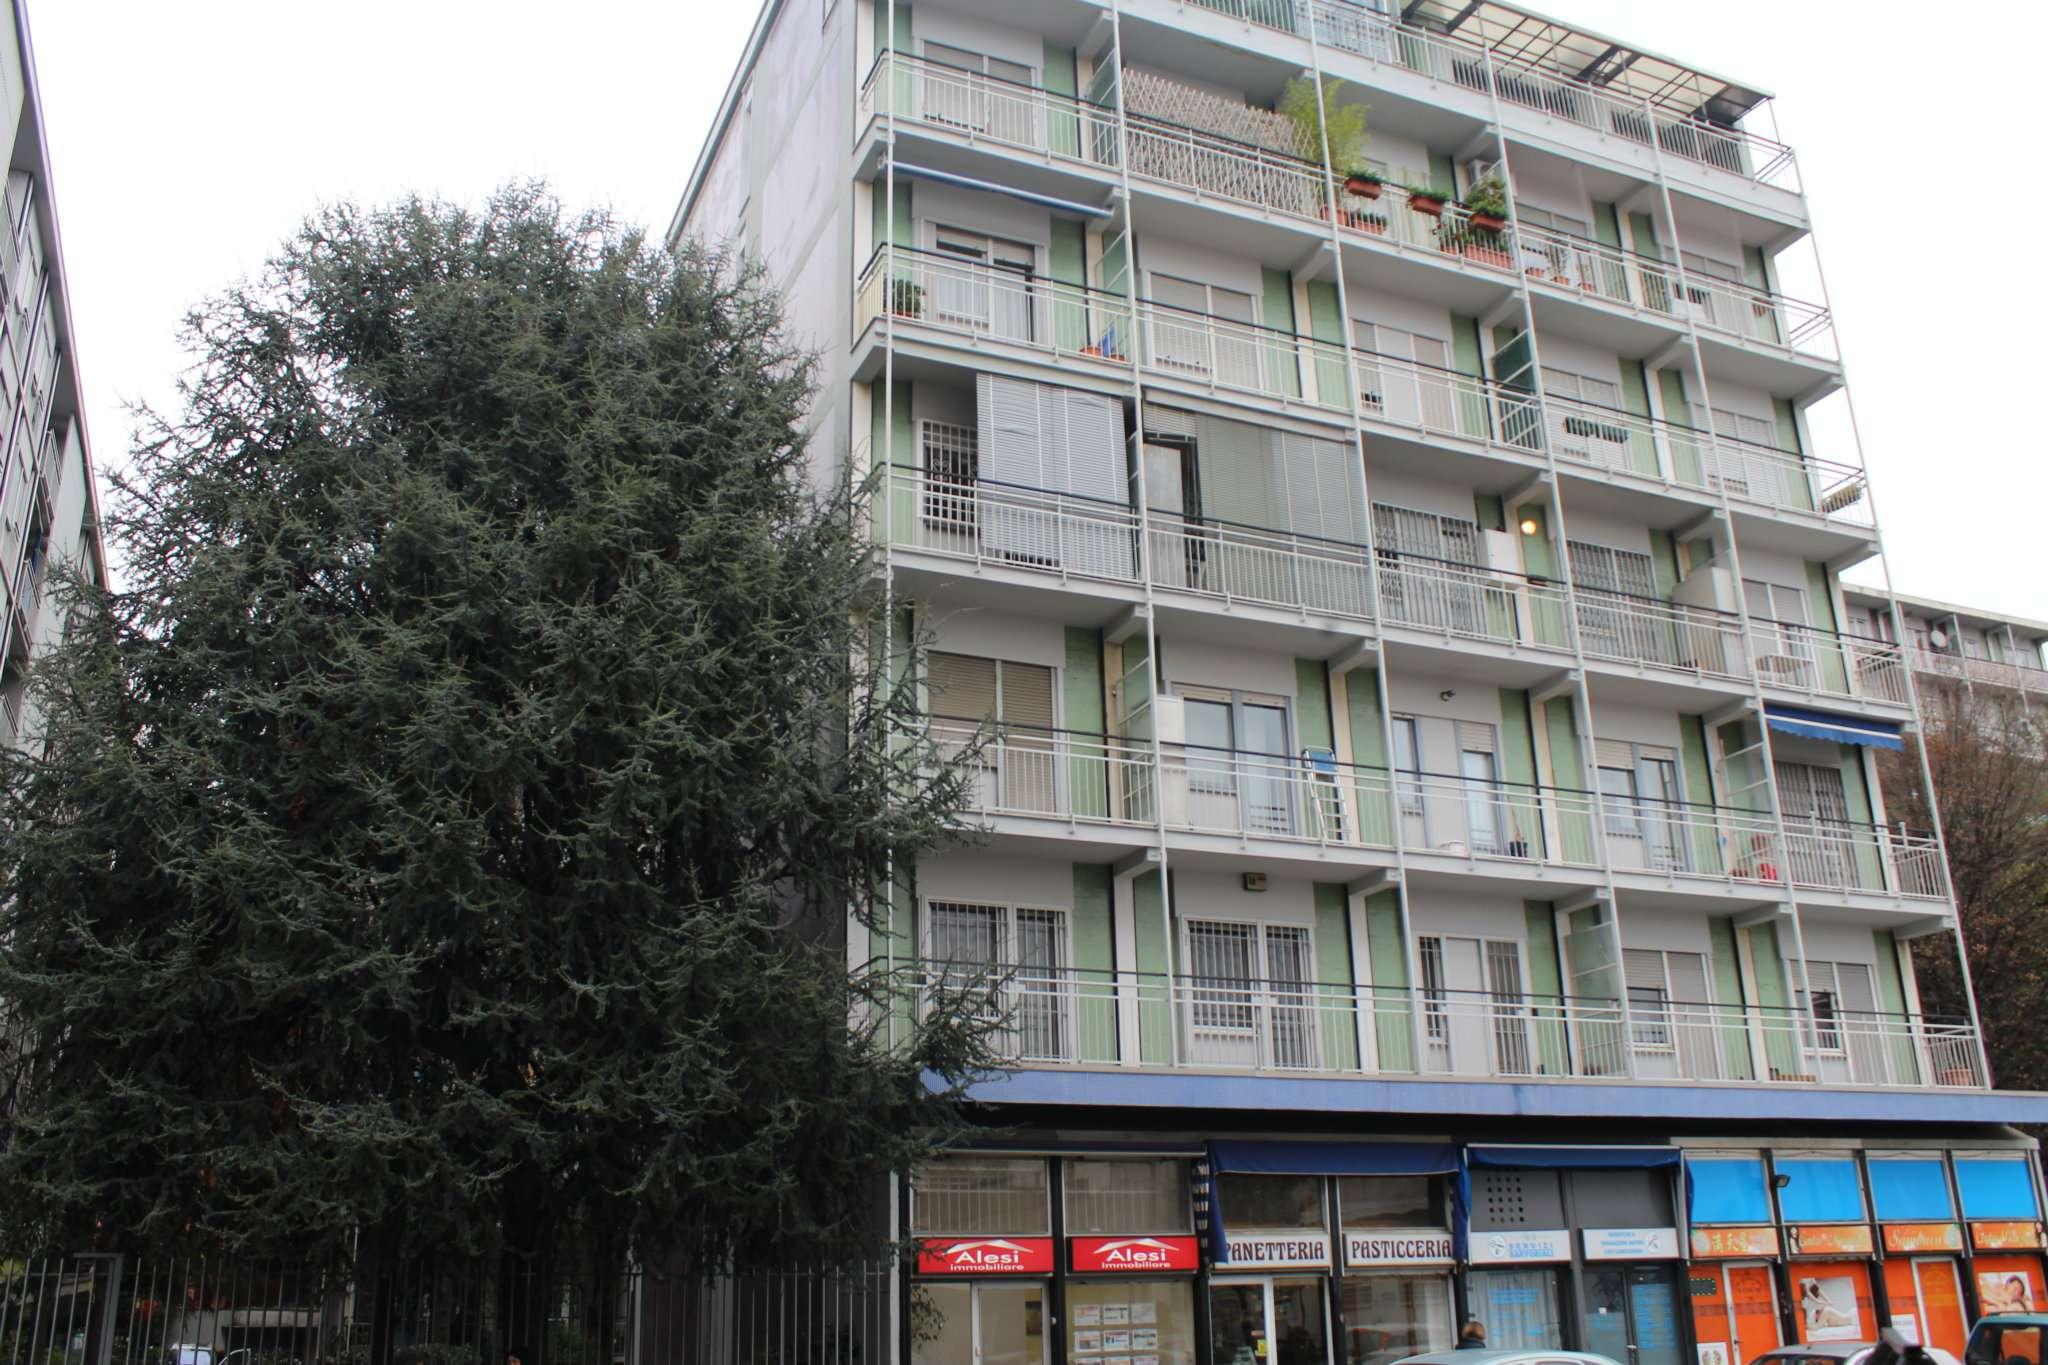 Appartamento in vendita a Milano, 2 locali, zona Zona: 3 . Bicocca, Greco, Monza, Palmanova, Padova, prezzo € 170.000   Cambio Casa.it